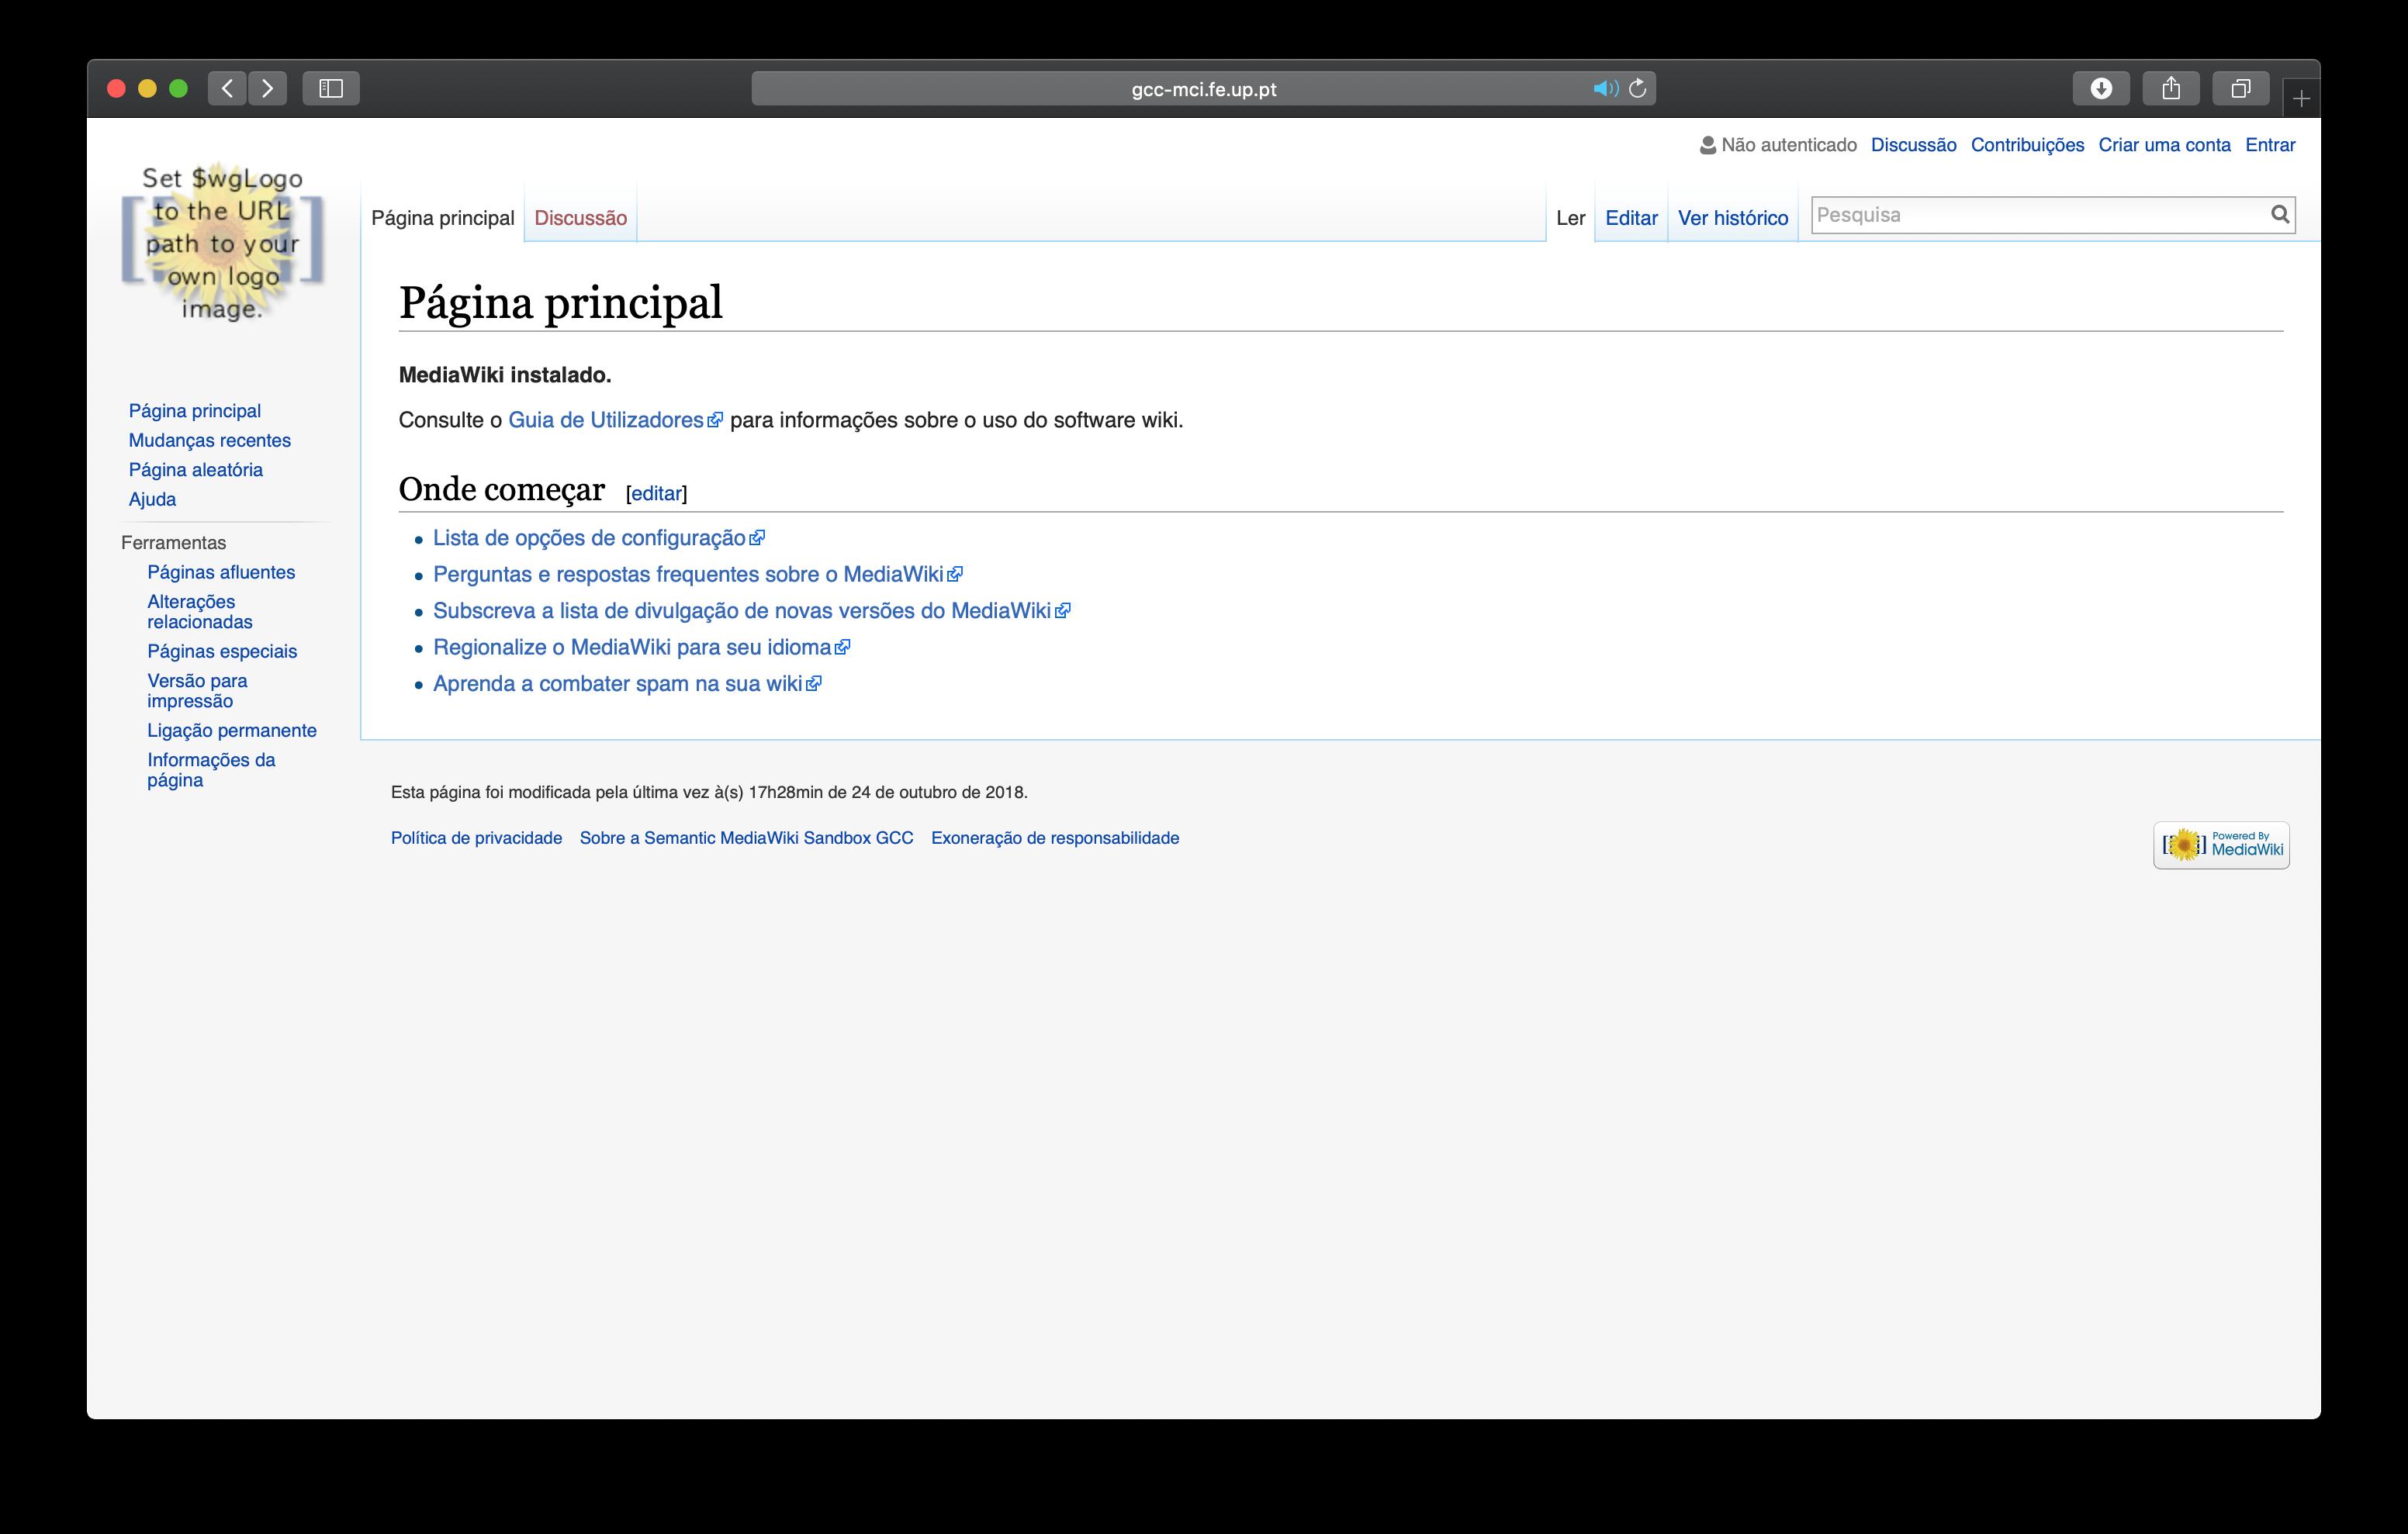 Mediawiki Ready